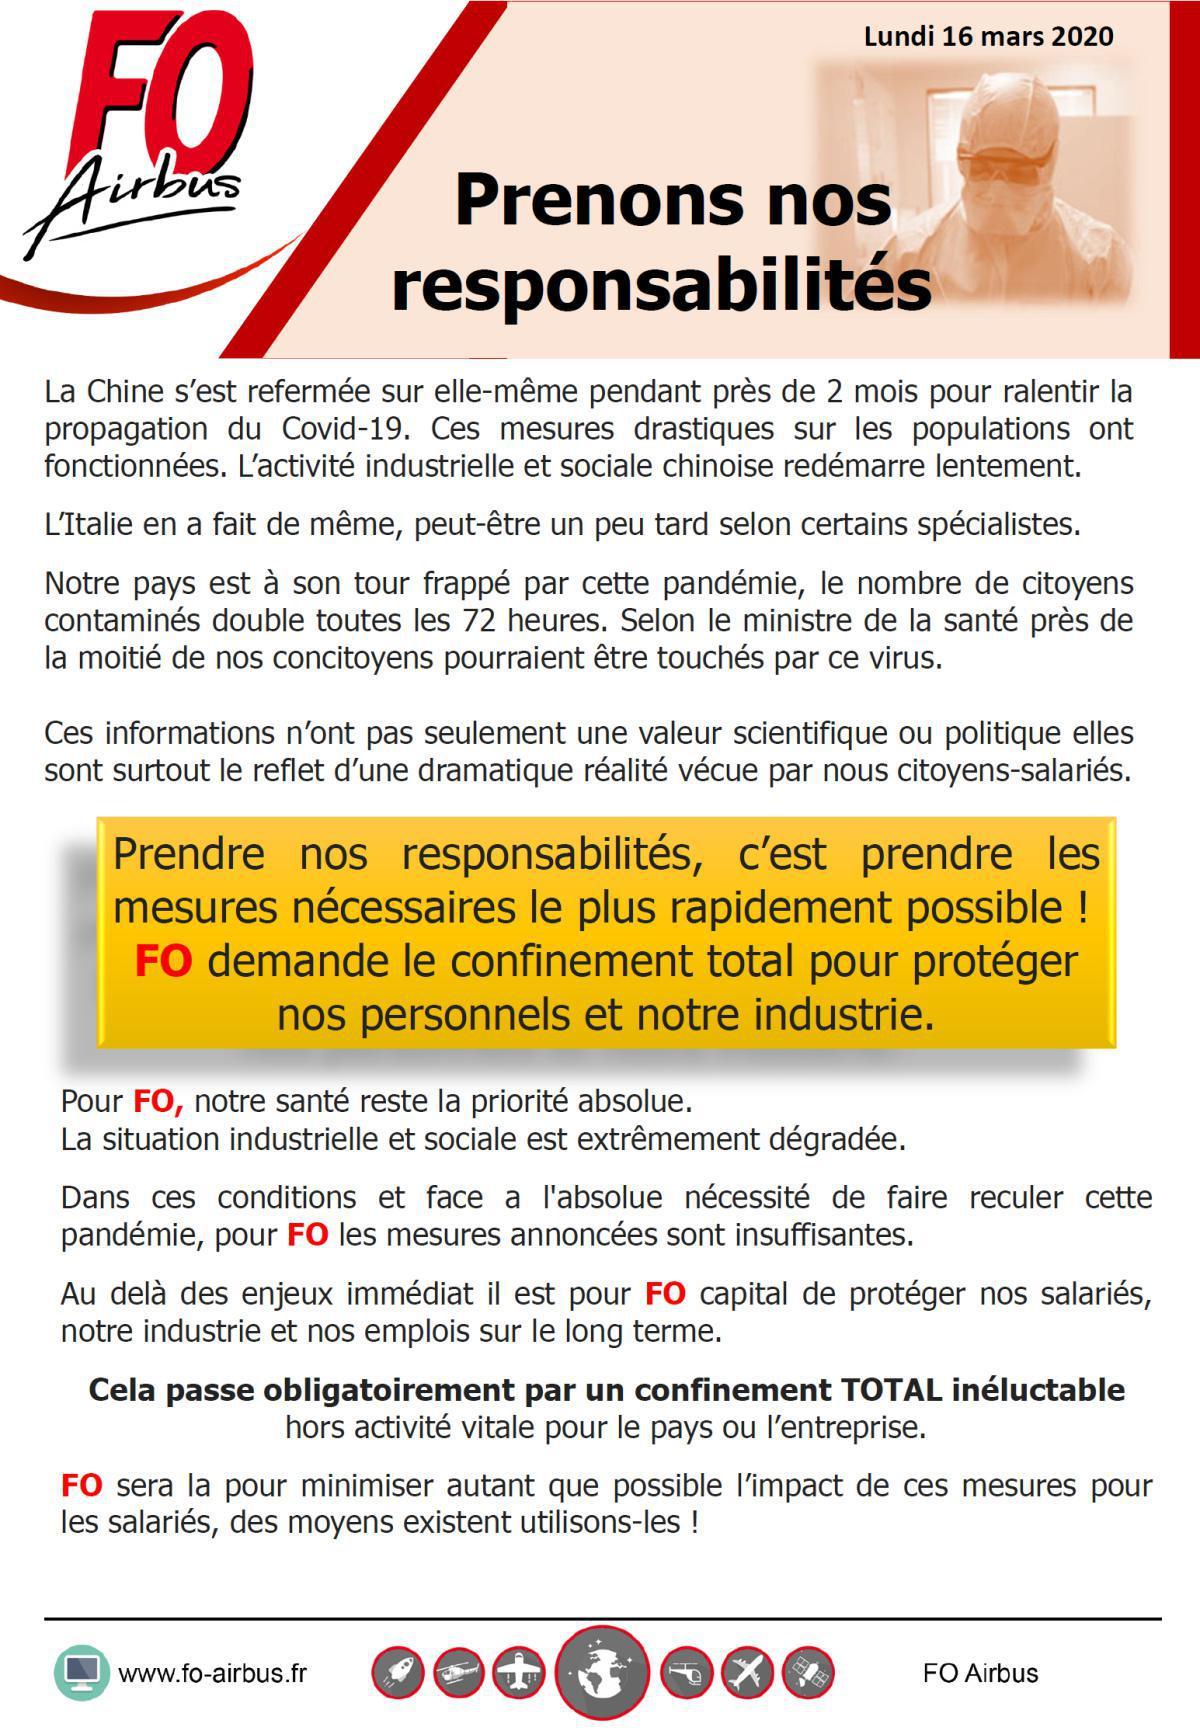 Force Ouvrière demande le confinement total pour protéger les salariés et notre industrie